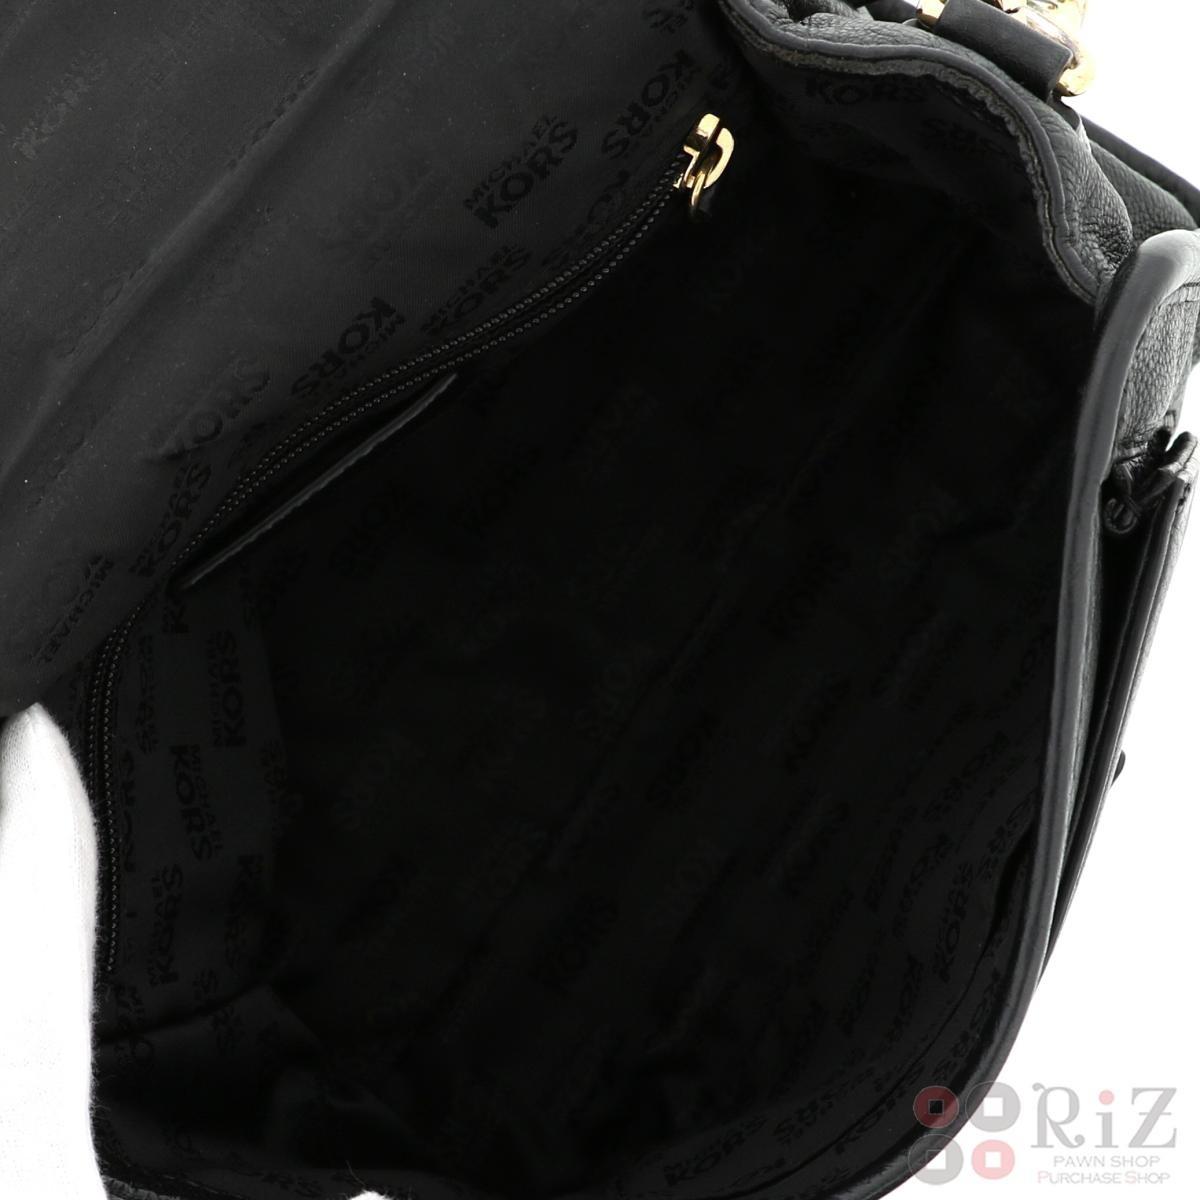 【中古】Michael Kors (マイケルコース) レザー ショルダーバッグ Black バッグ ショルダー/メッセンジャーバッグ  Black/ブラック  used:A